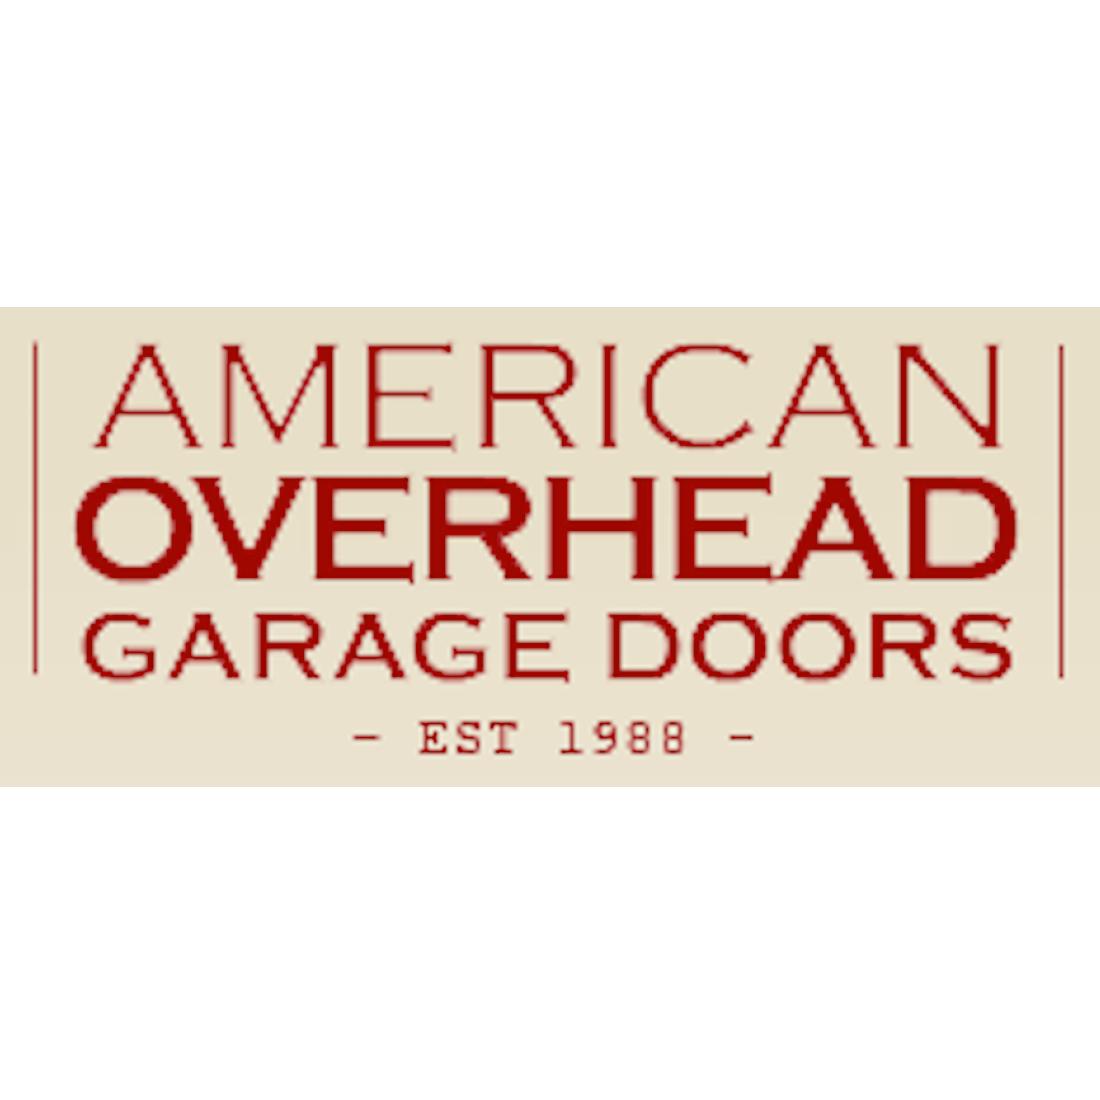 American Overhead Garage Doors